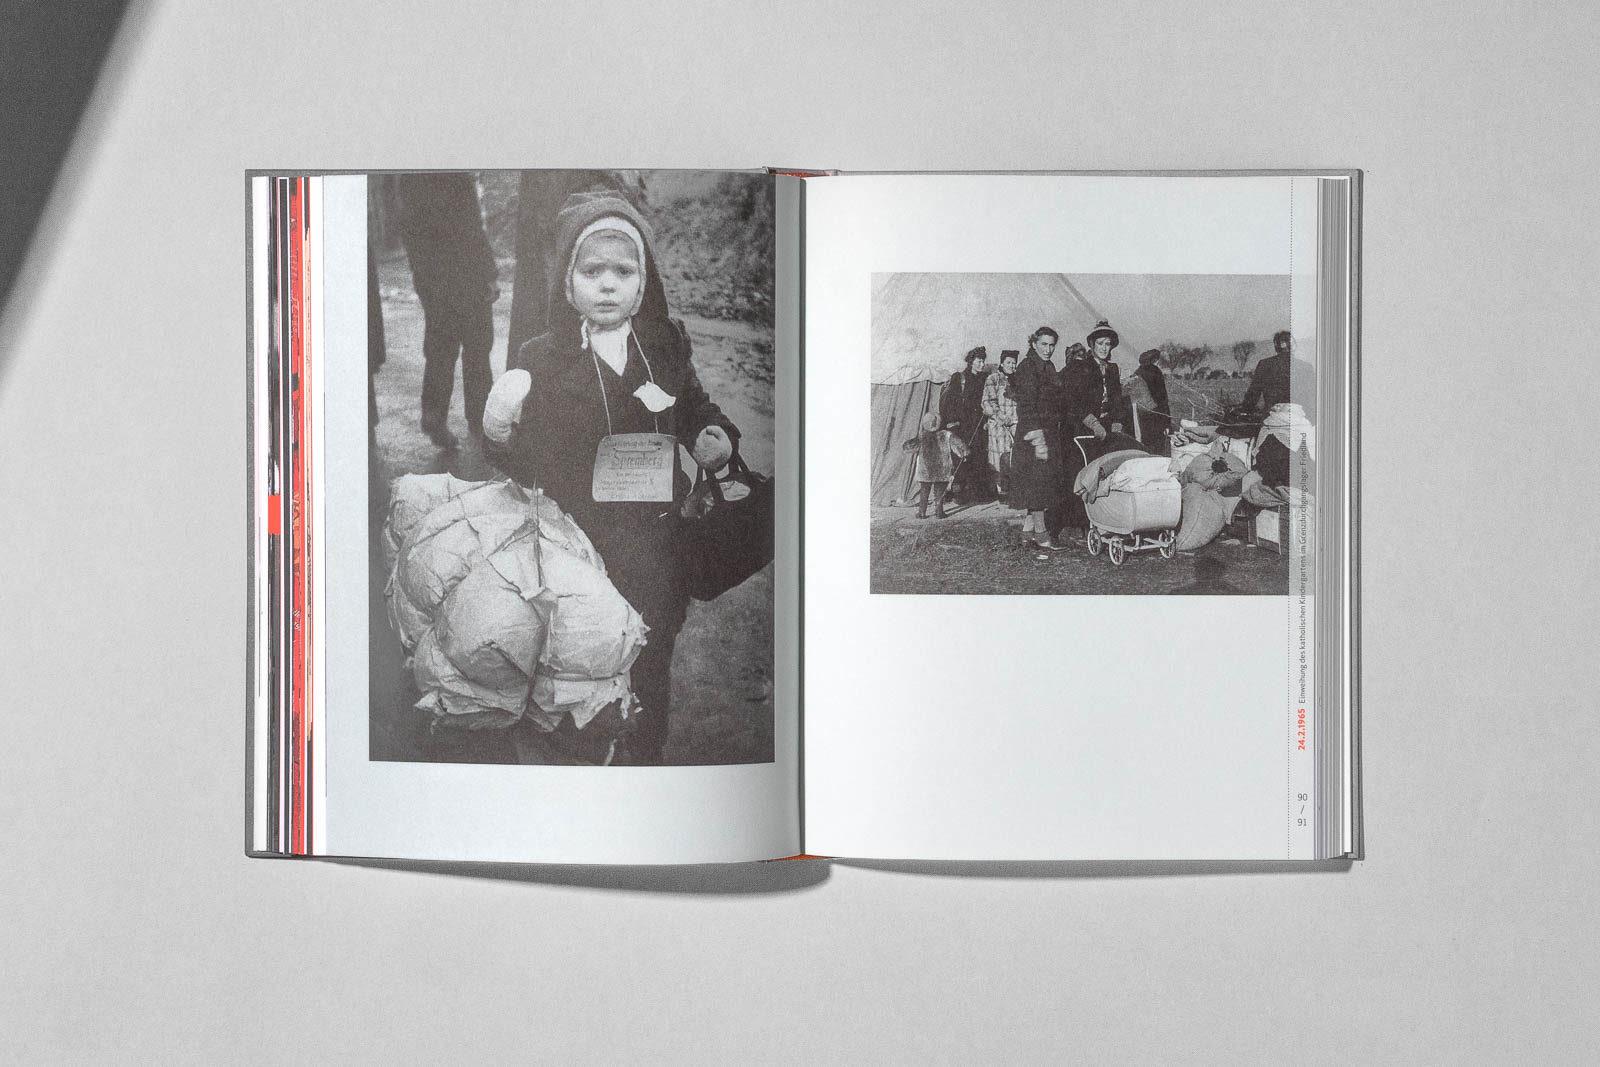 Editienne Kommunikationsdesign- Buchgestaltung für den Ausstellungskatalog 11